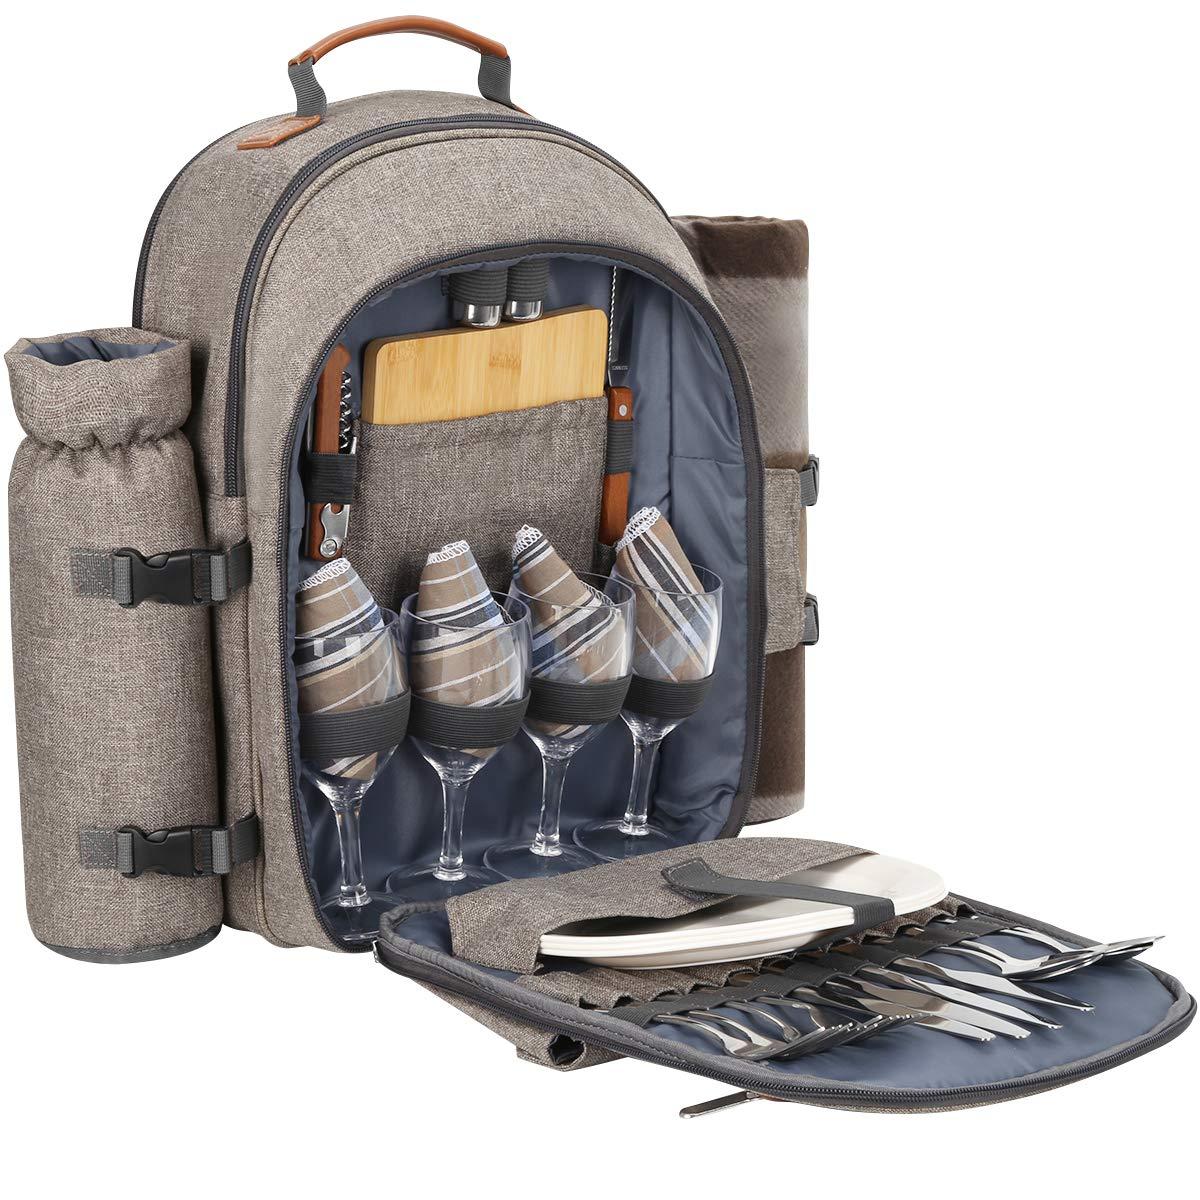 *Sunflora Picknickrucksack 4 Personen Picknickset mit Isoliertem Kühlfach und Decke für Camping Outdoor*